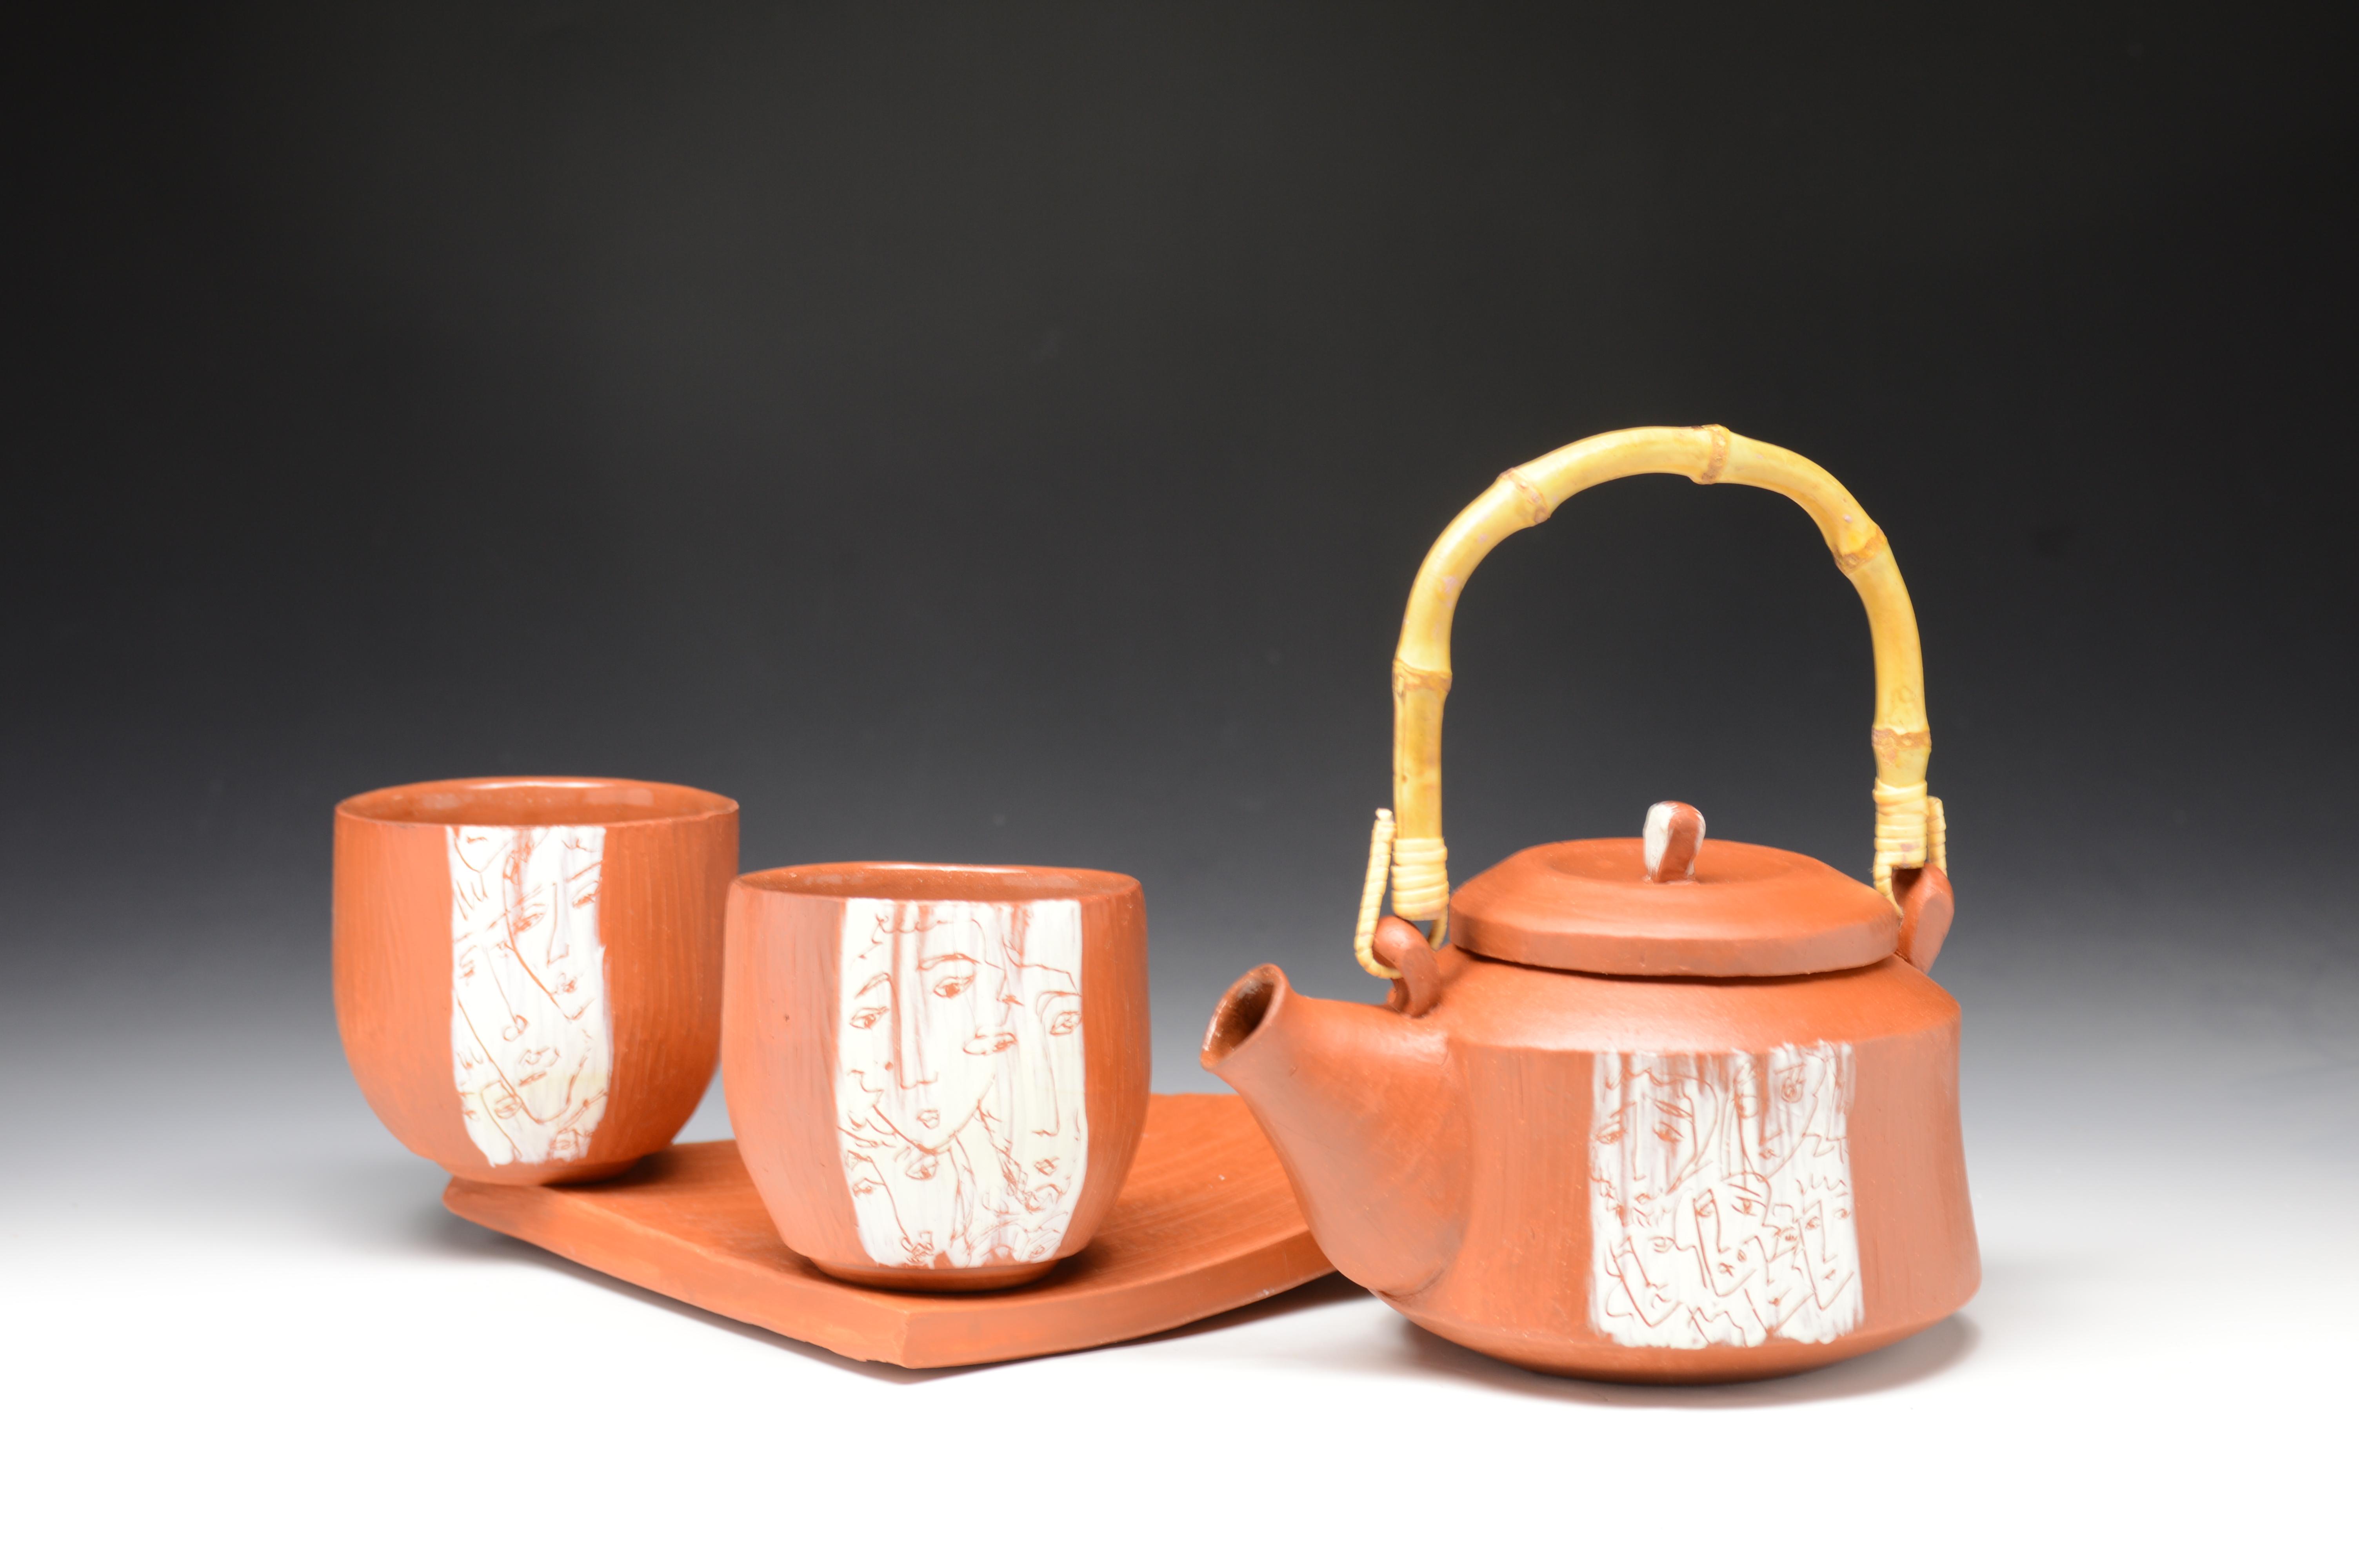 ibond_Tea set